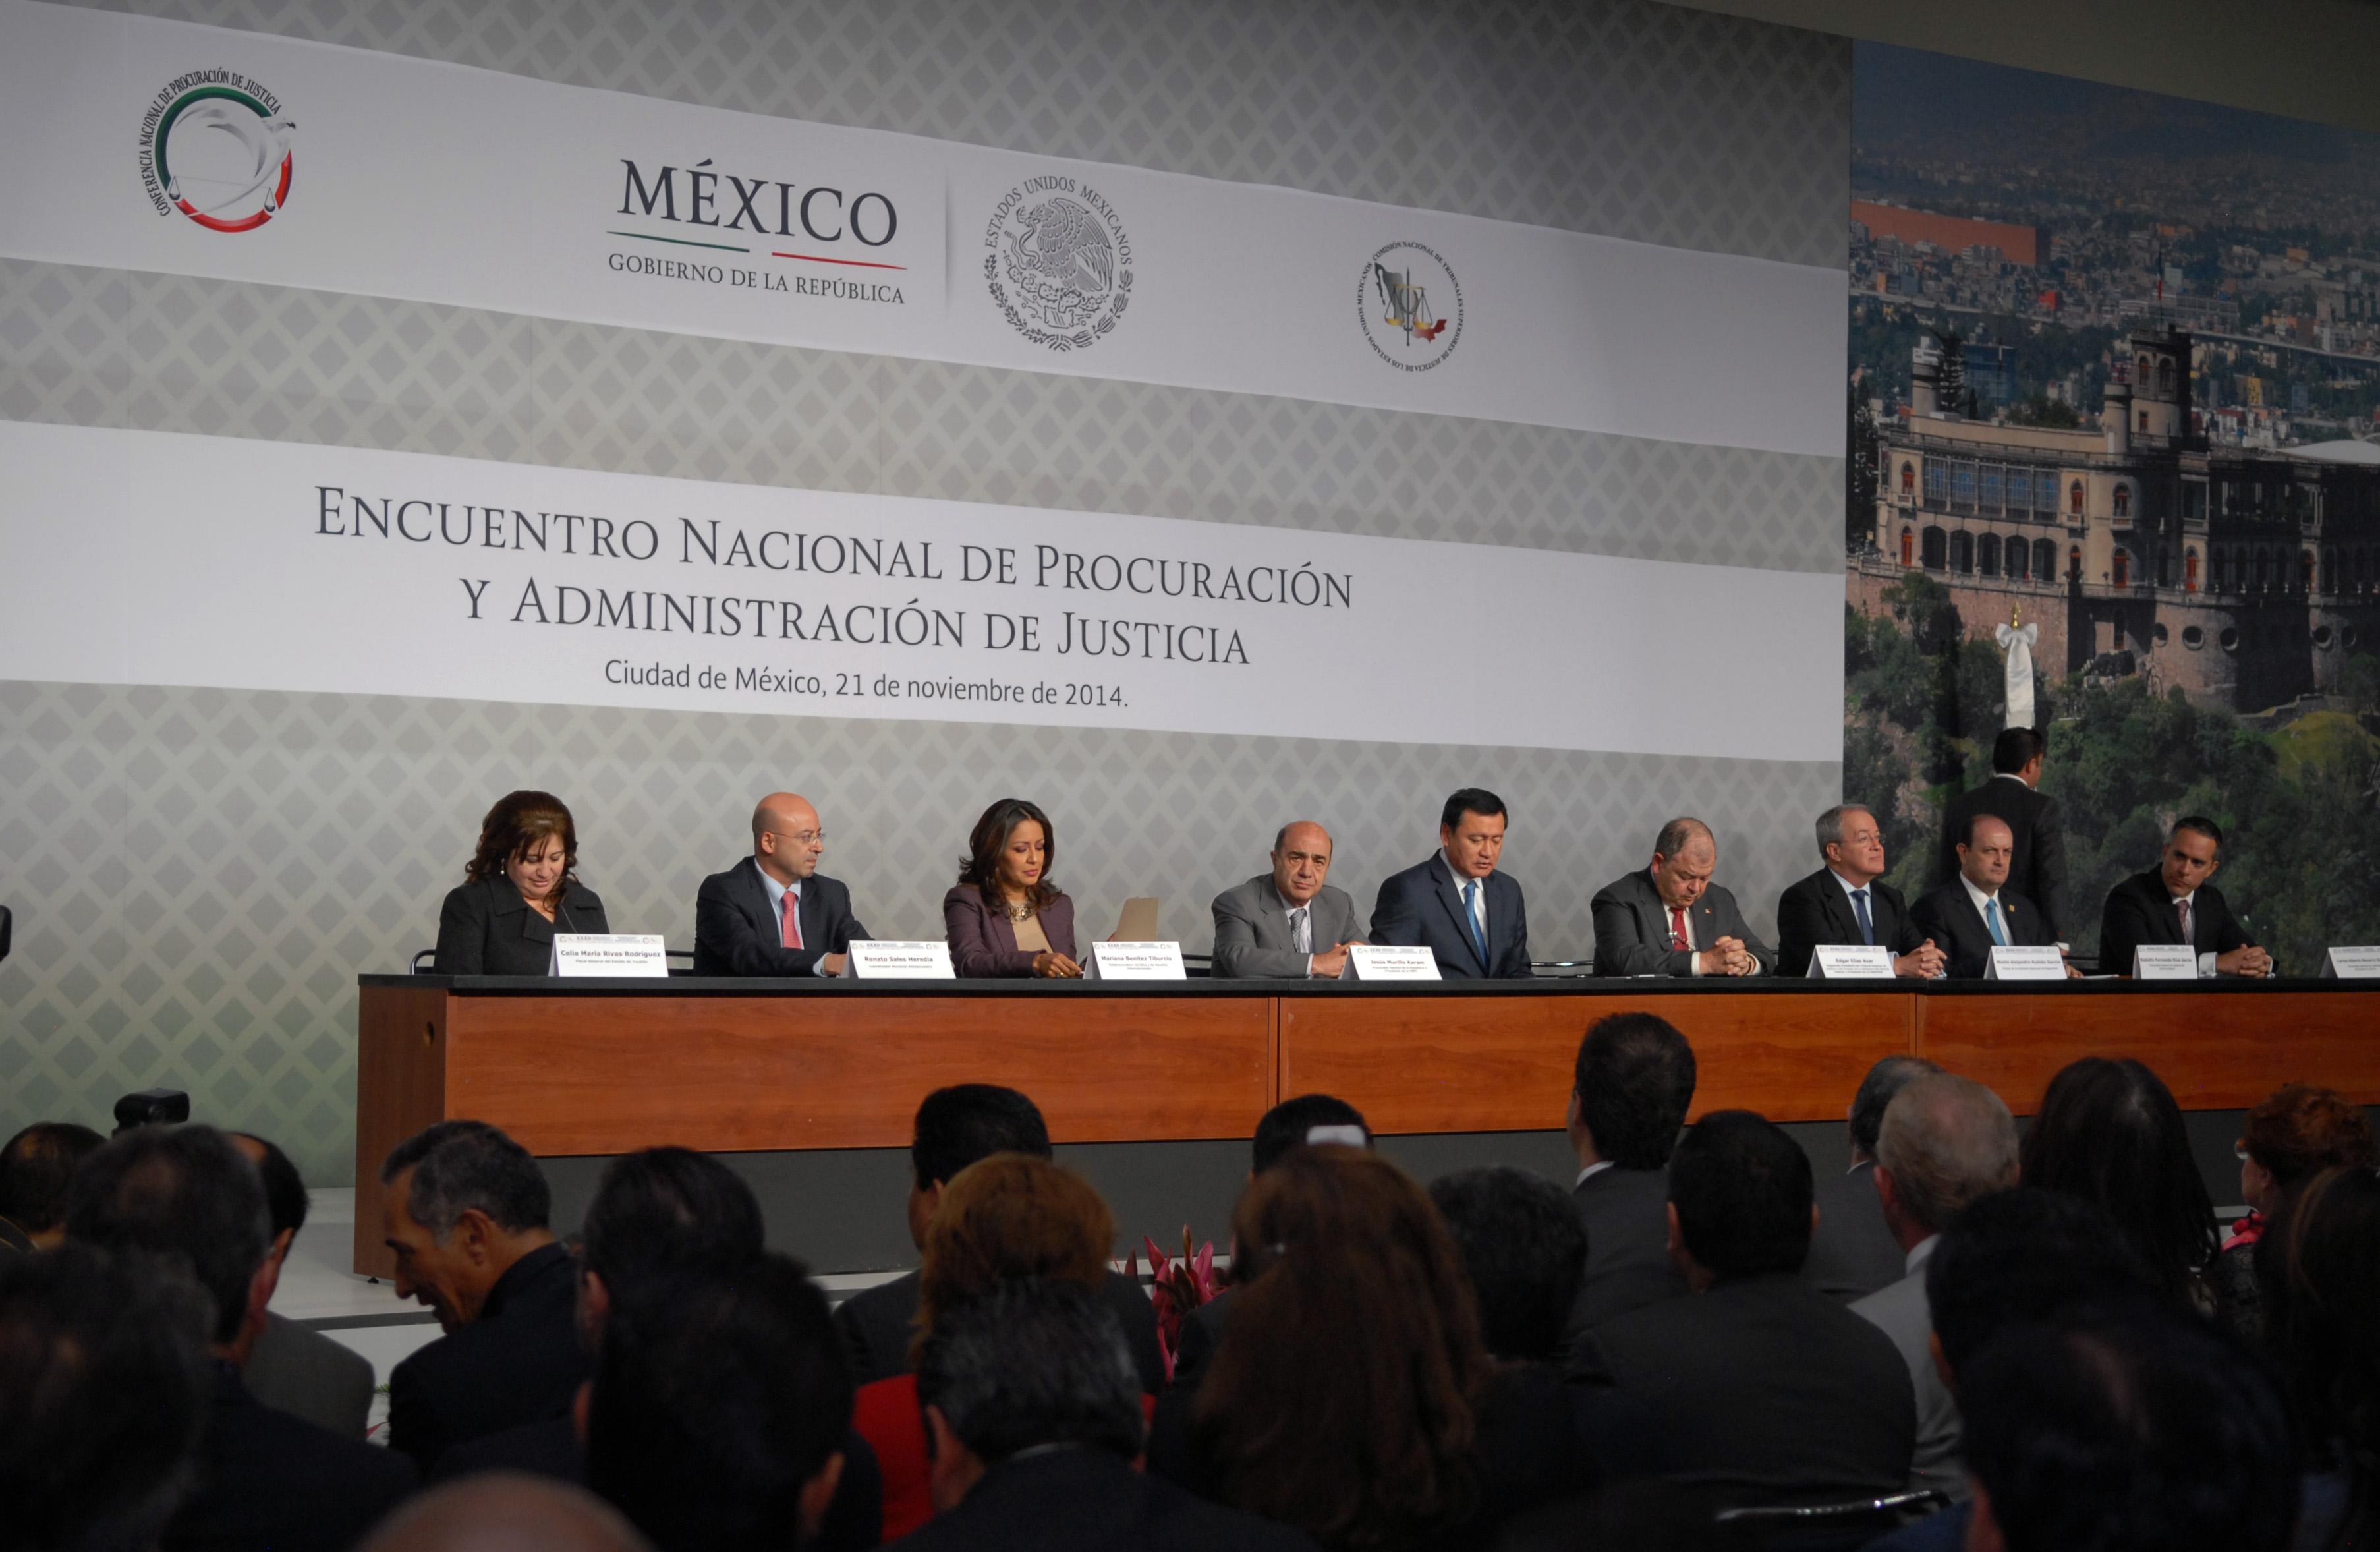 XXXII Asamblea Plenaria de la Conferencia Nacional de Procuración de Justicia